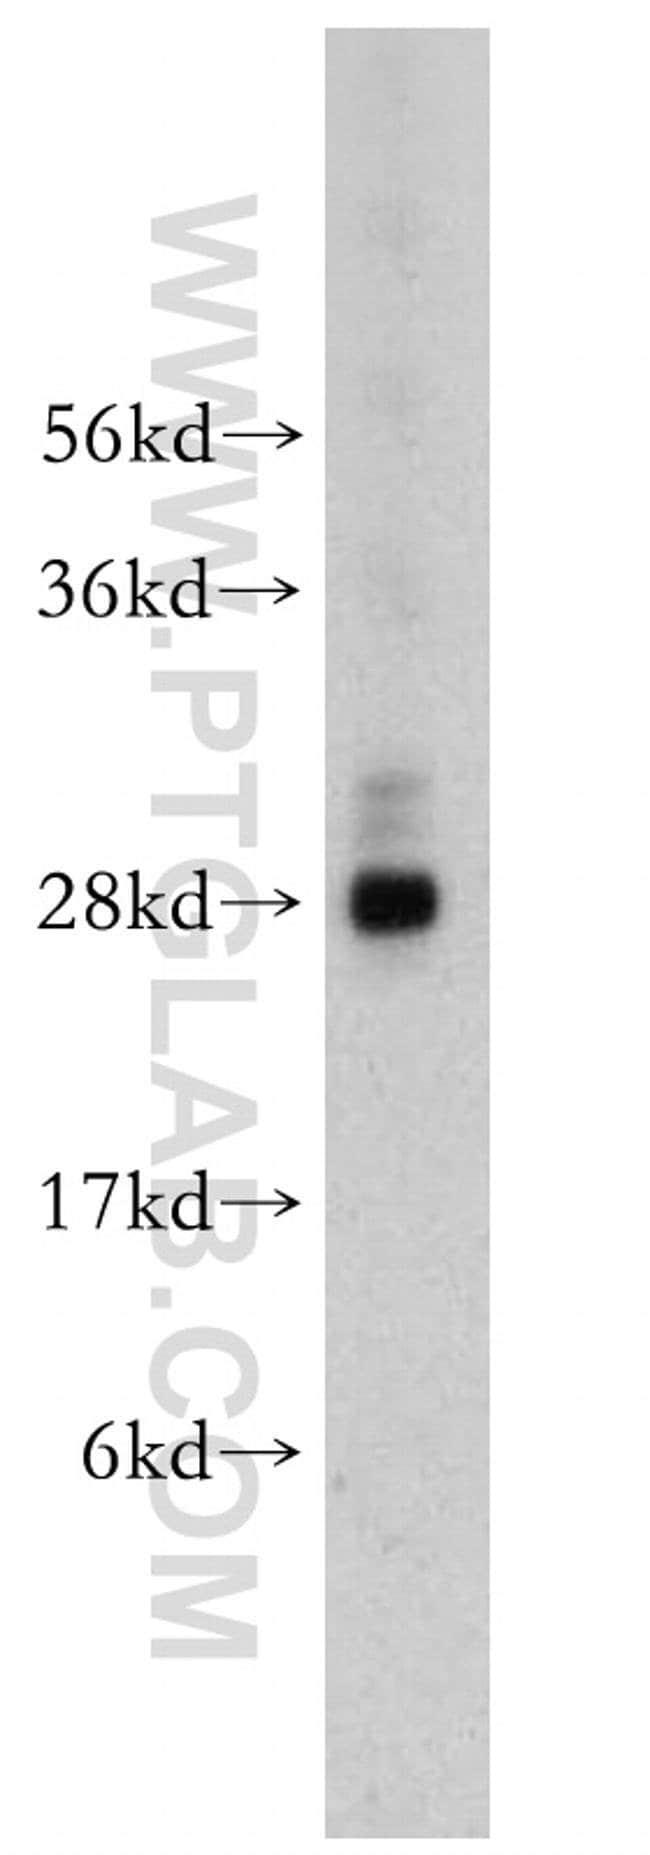 NGFRAP1 Rabbit anti-Human, Mouse, Rat, Polyclonal, Proteintech 150 μL; Unconjugated Ver productos